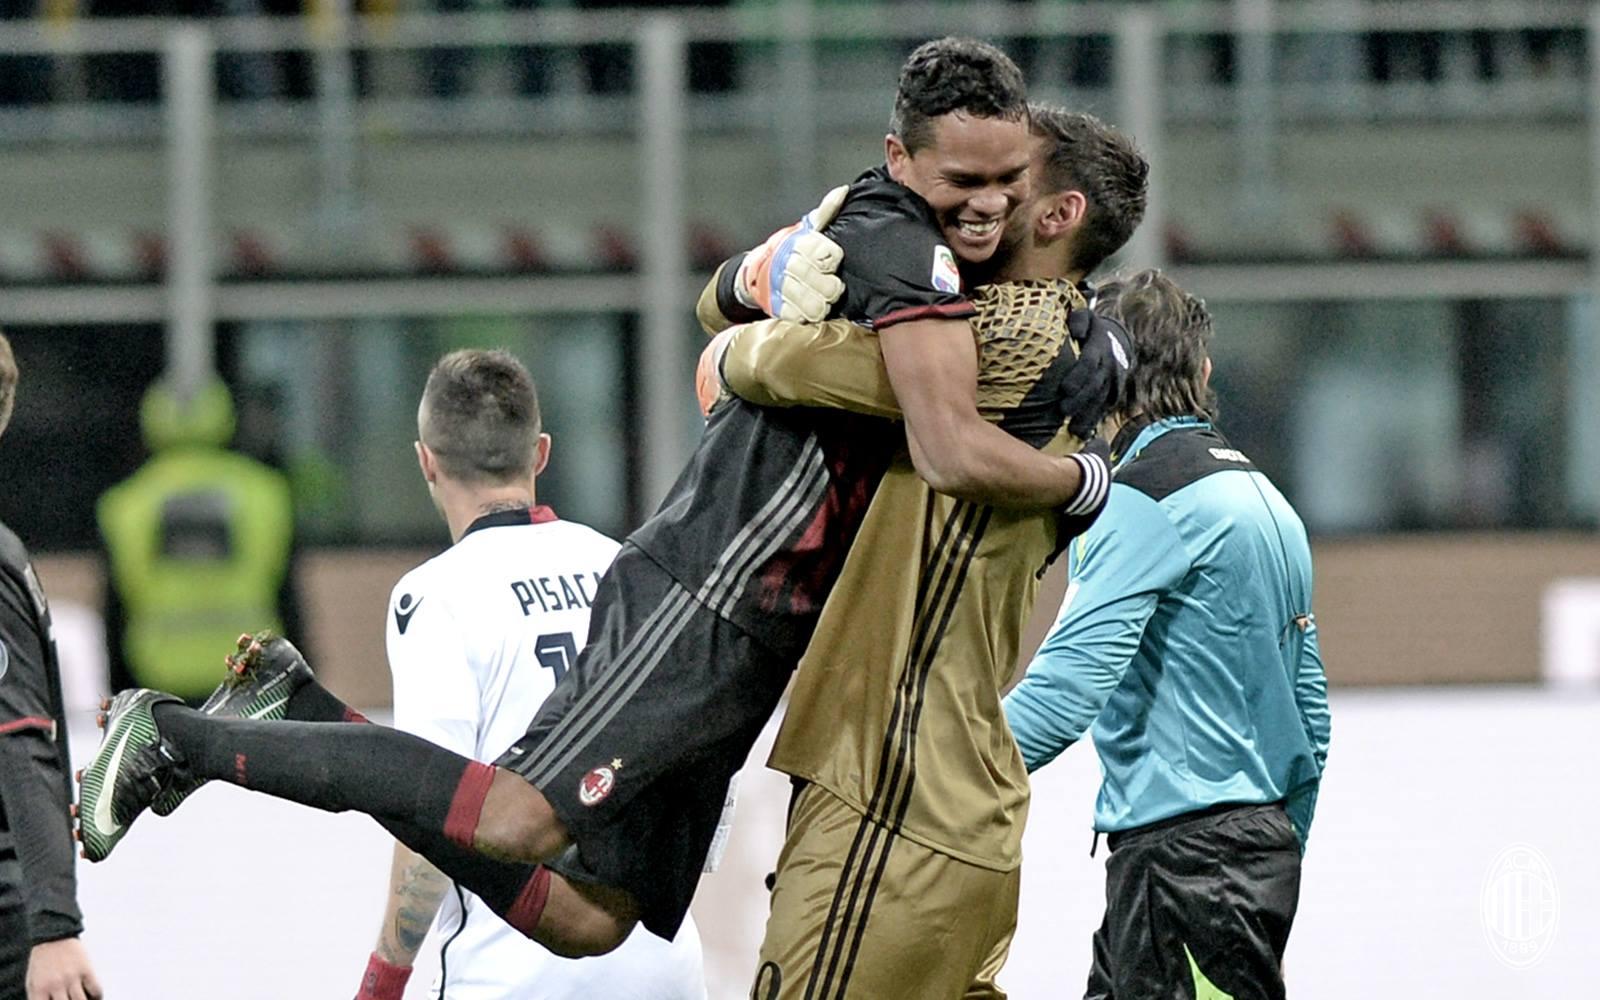 Il Milan batte il Cagliari 1-0. L'abbraccio di Carlos Bacca a Gigio Donnarumma. Fonte foto: A.C. Milan